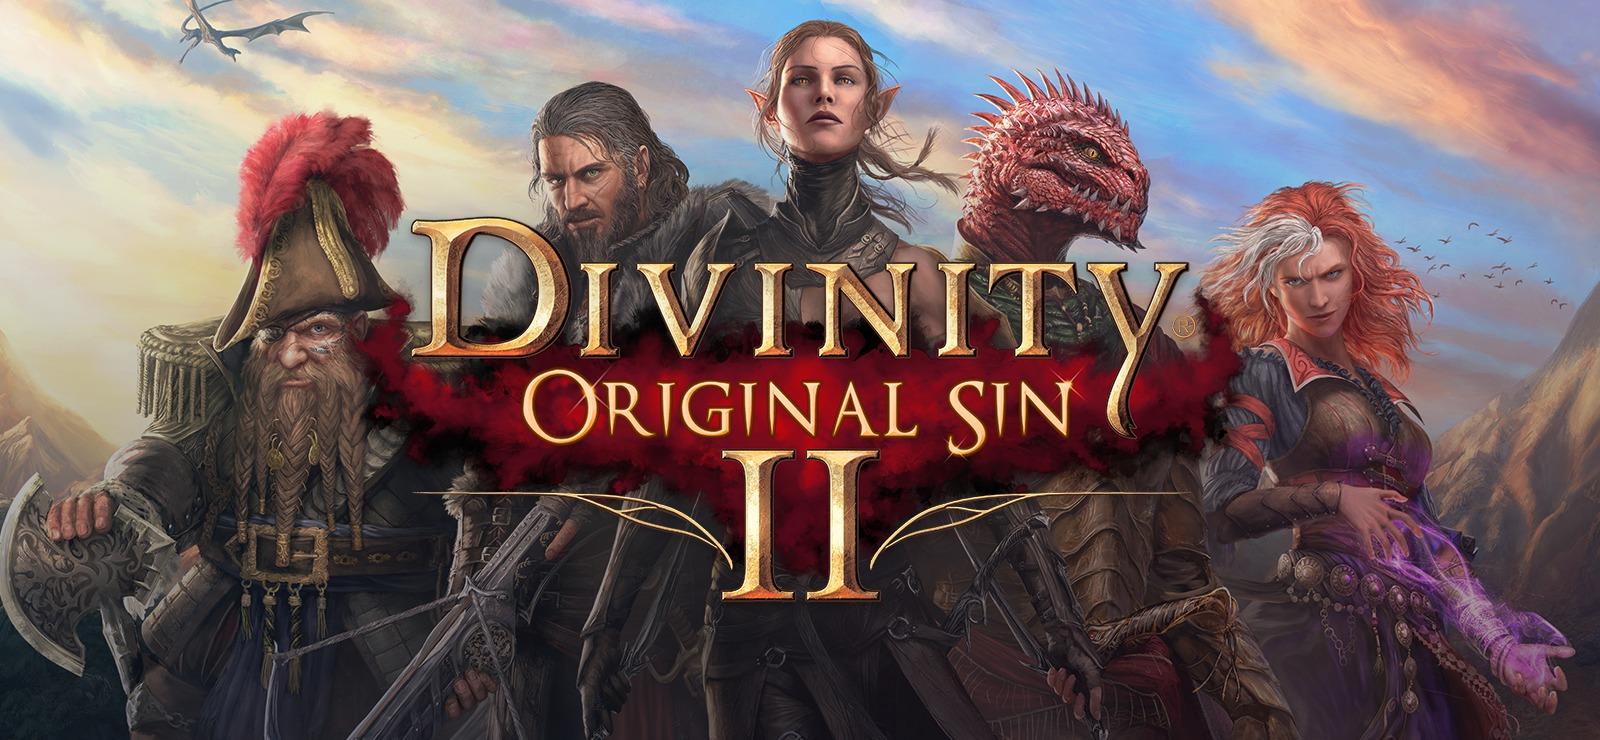 spolszczenie Divinity Original Sin 2